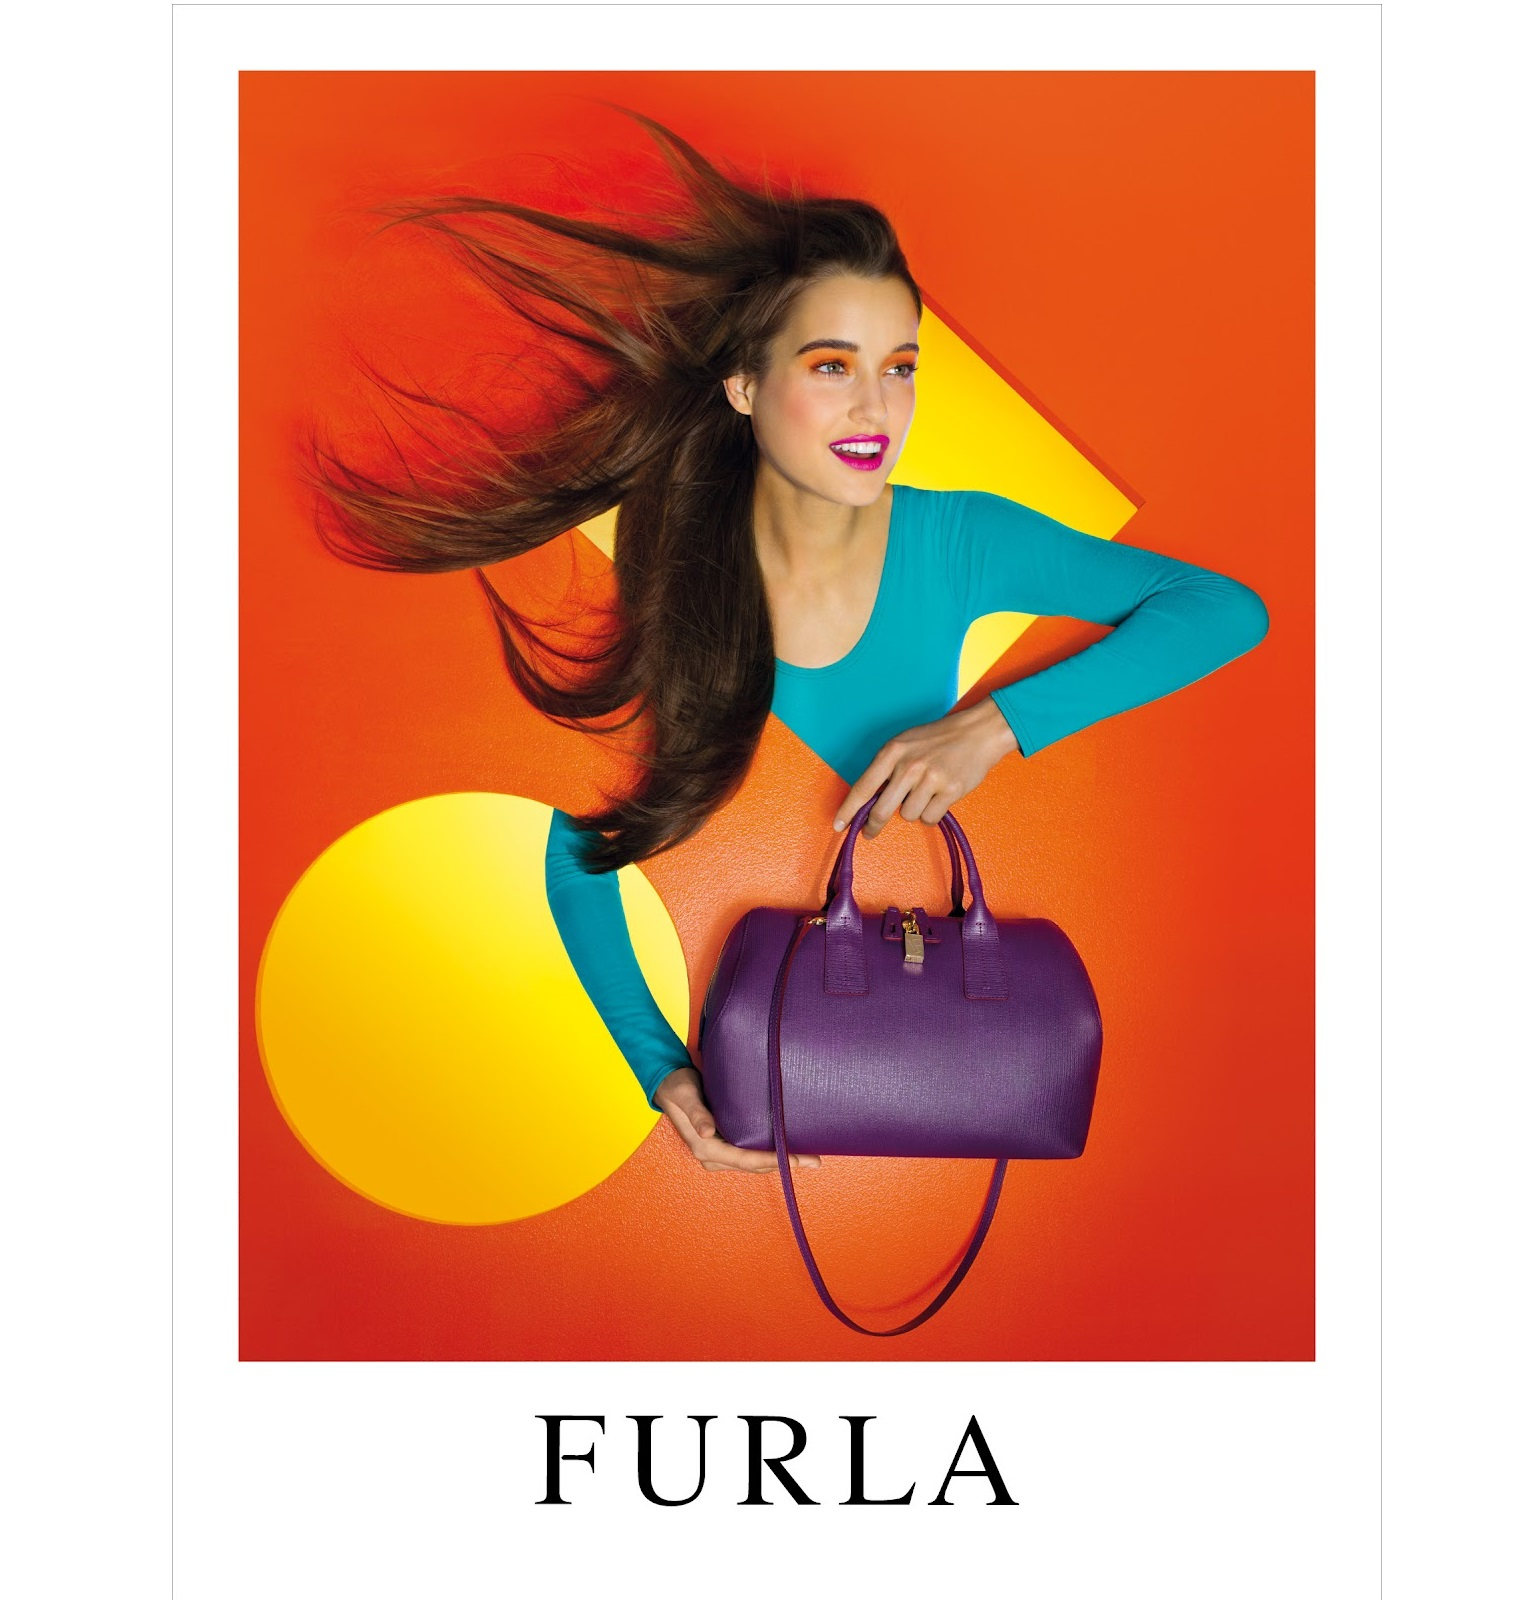 优雅名媛风 意大利高端皮具品牌Furla